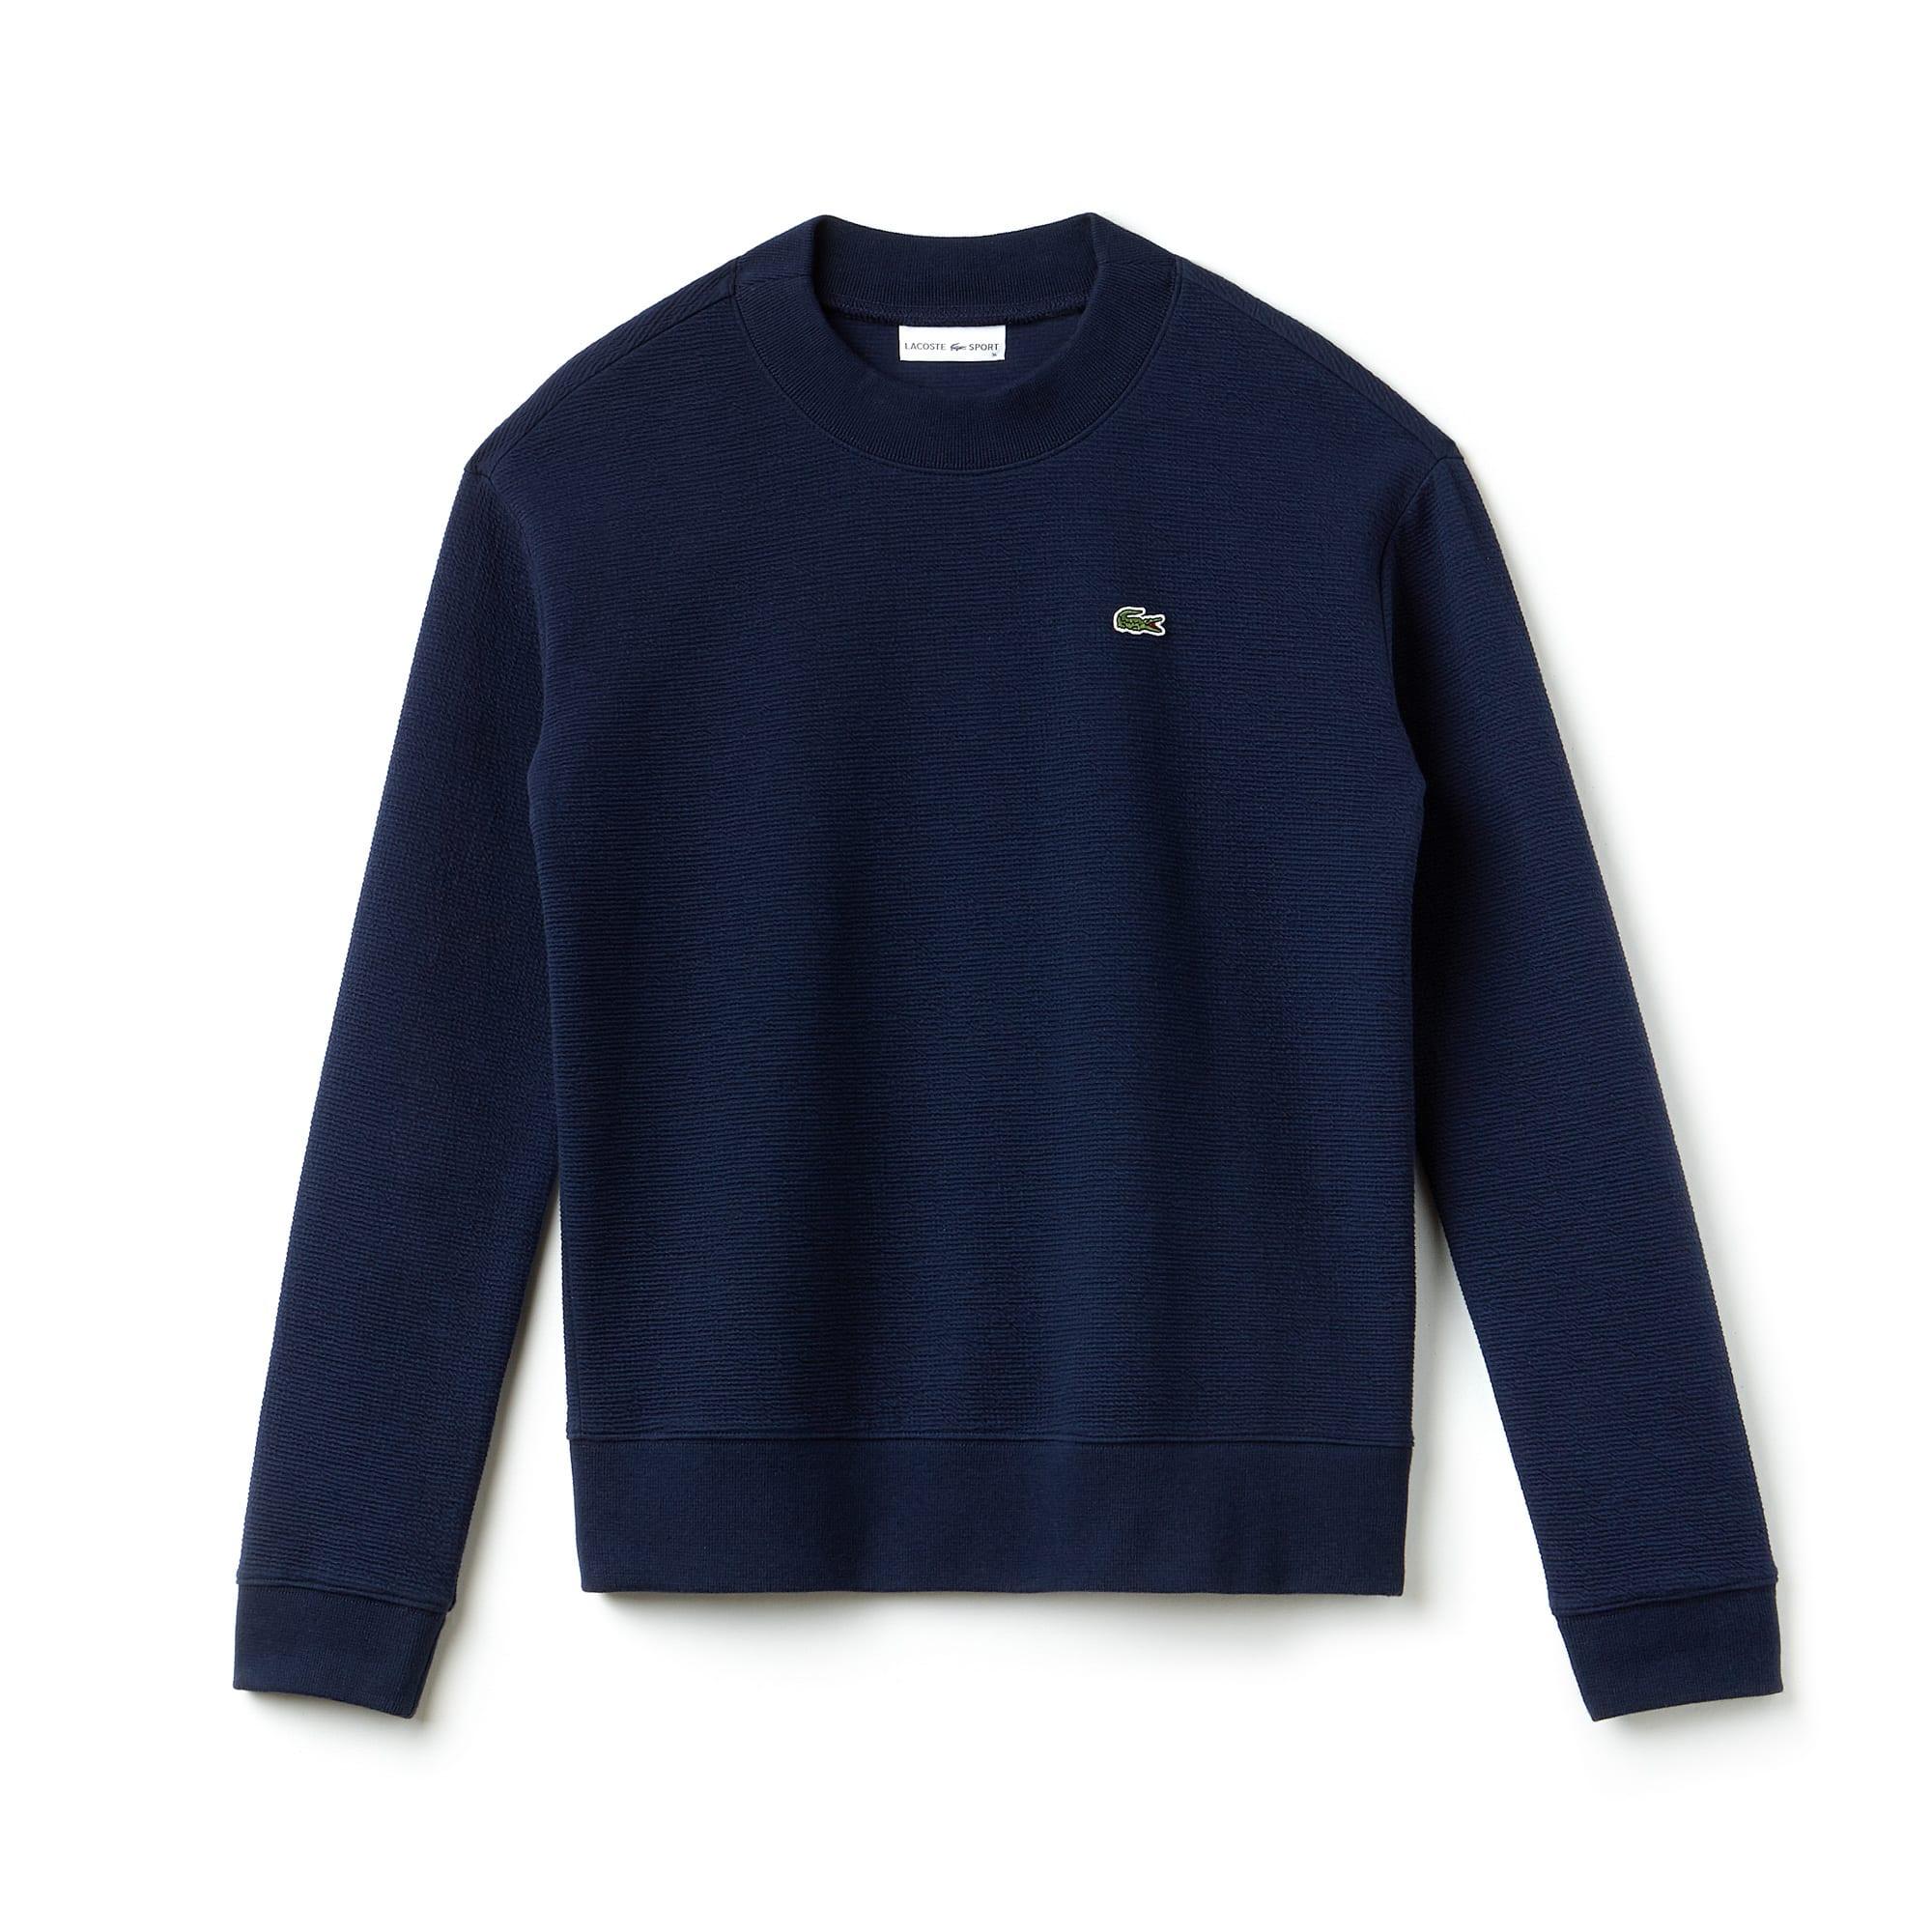 Women's Lacoste SPORT Honeycomb Fleece Tennis Sweatshirt